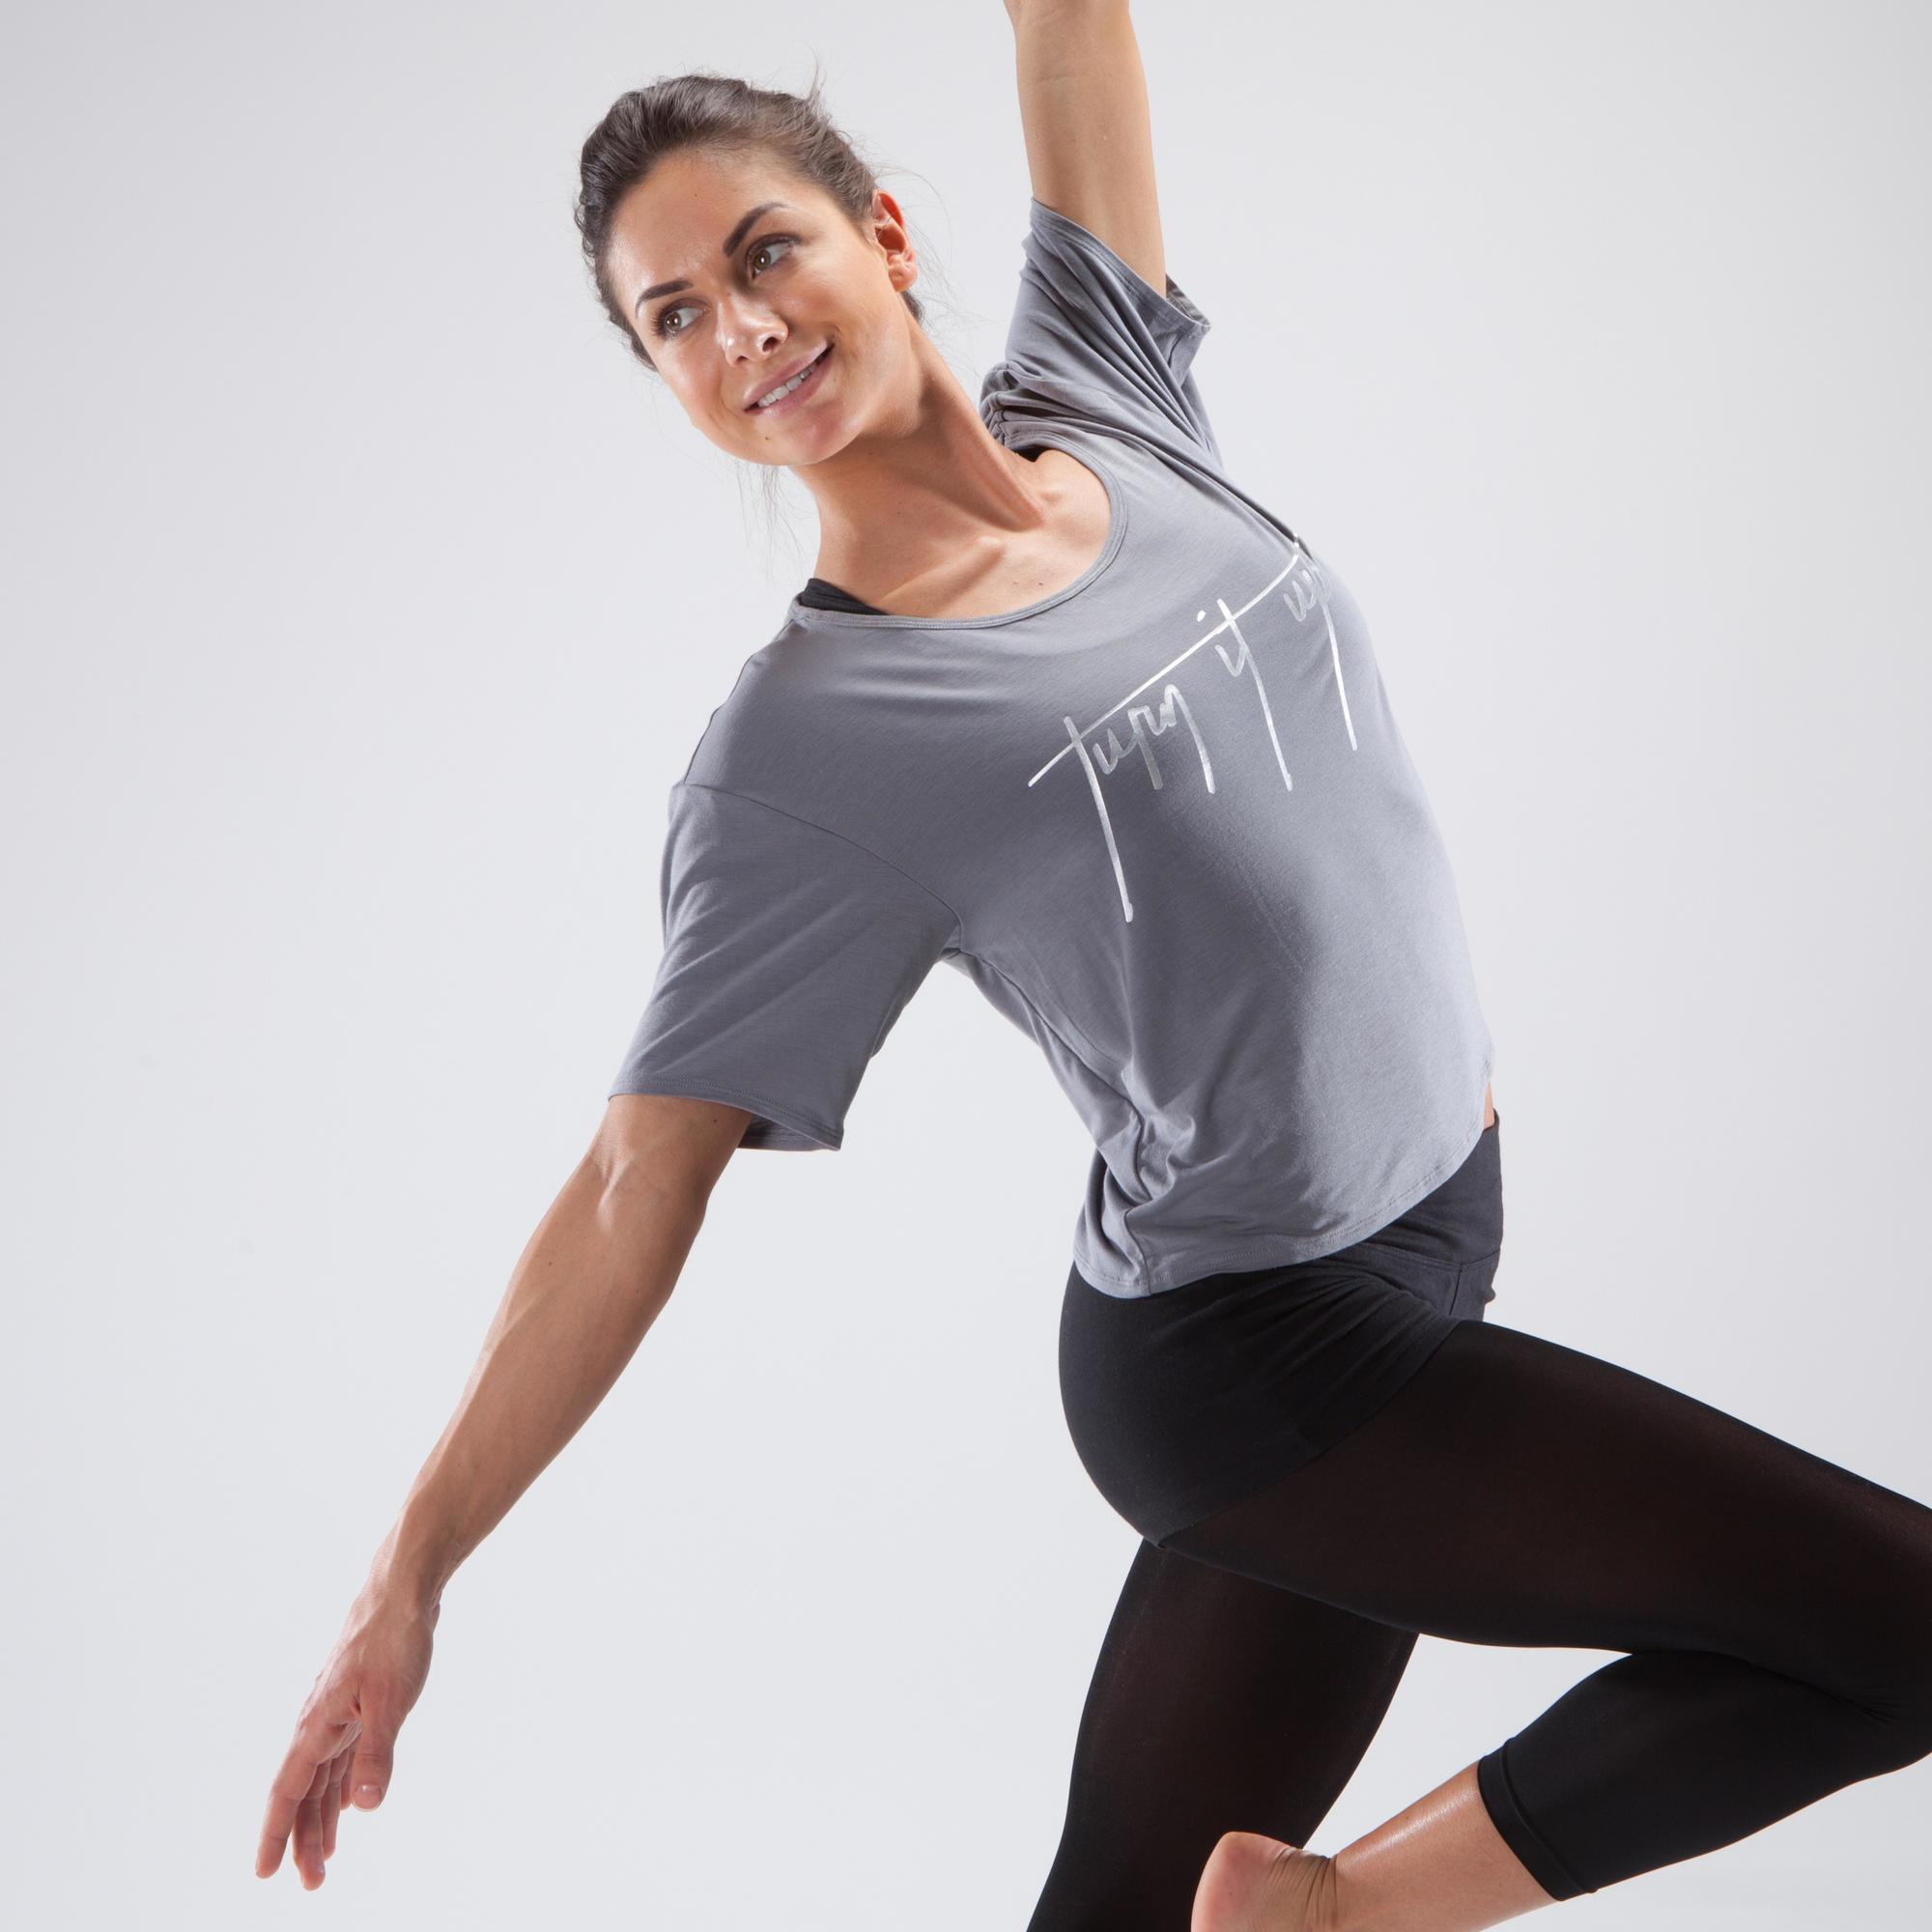 Moderne Kleding Dames.Het Sportplein Domyos Kort Dans T Shirt Voor Dames Dansen Jazz